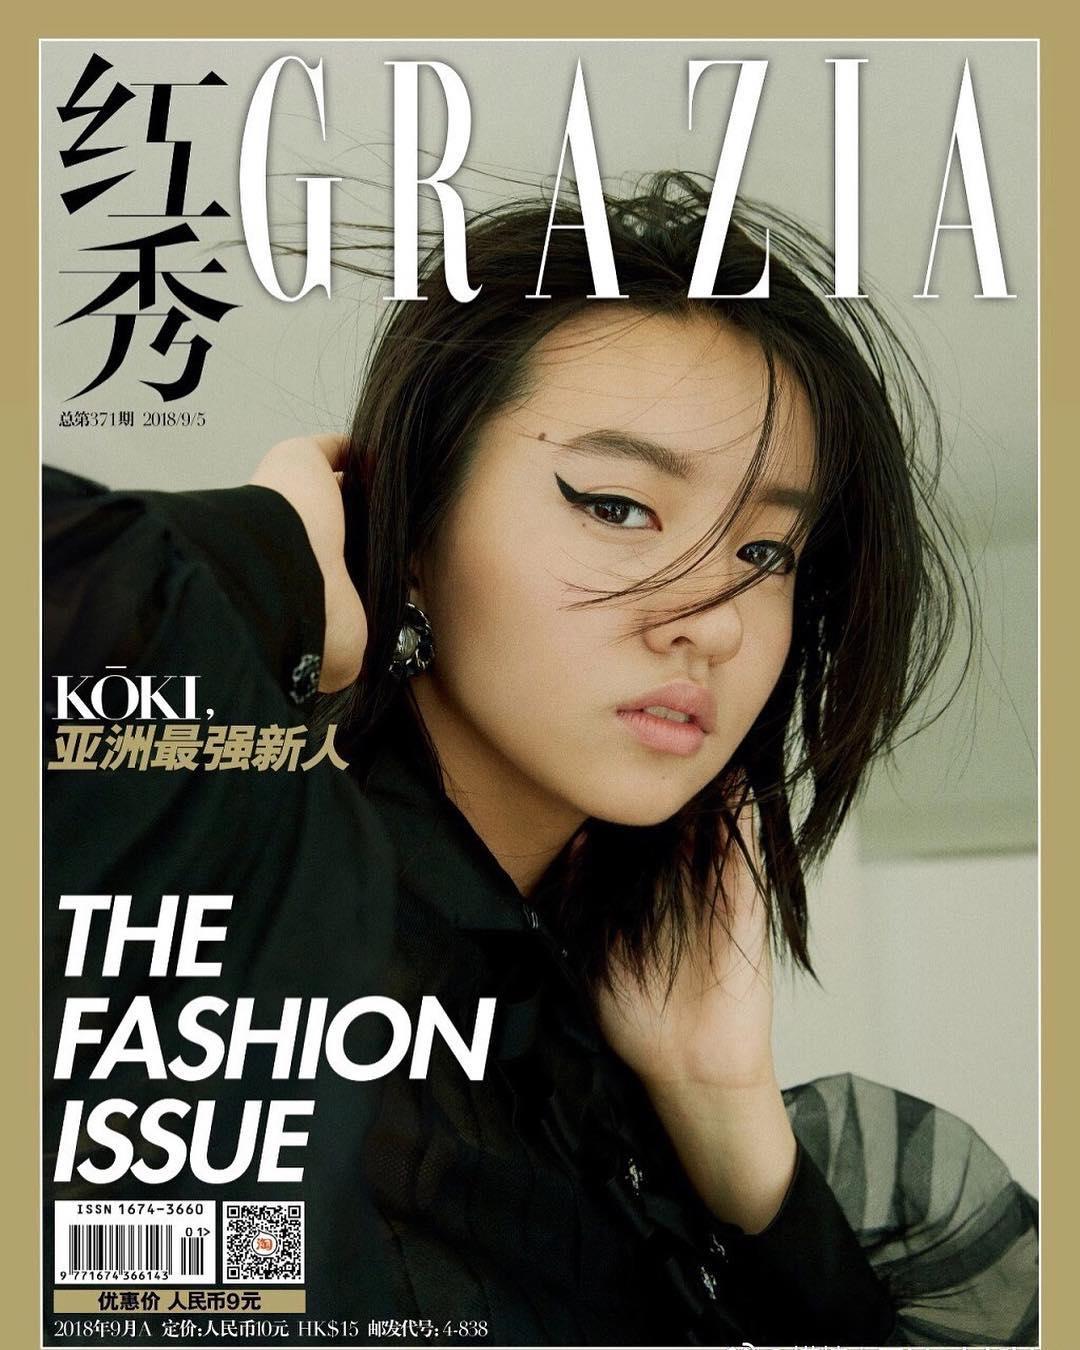 キムタク次女・Koki,、中国人気雑誌の表紙に登場し「アジア最強新人」と紹介される 所詮アジアレベル